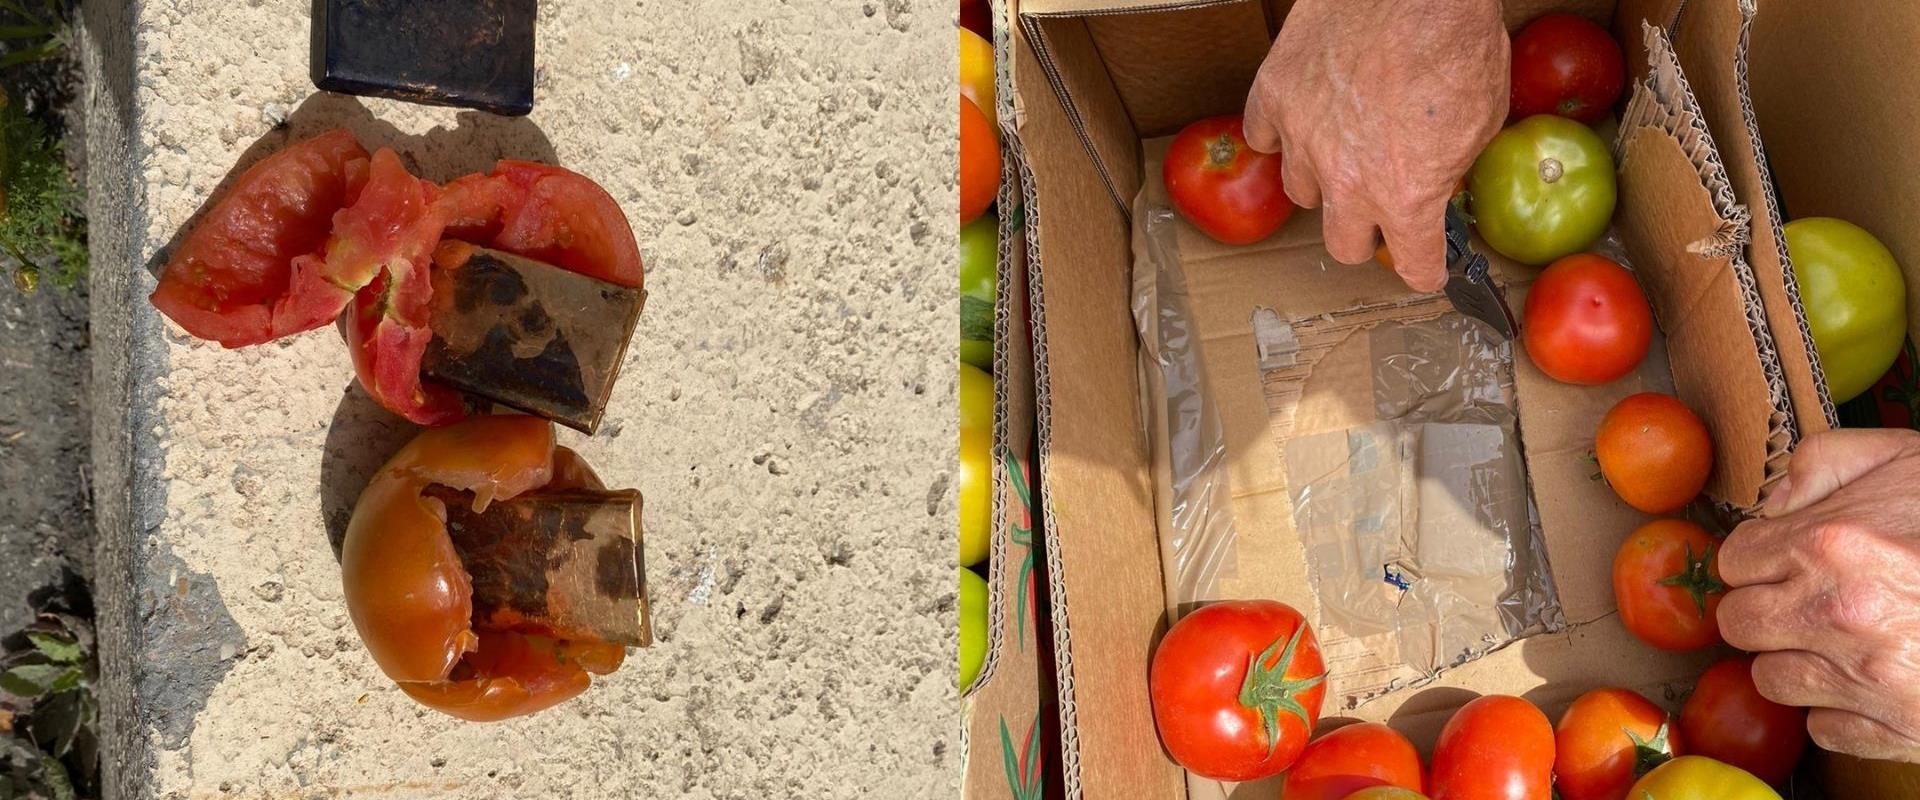 העגבניות שנתפסו, היום